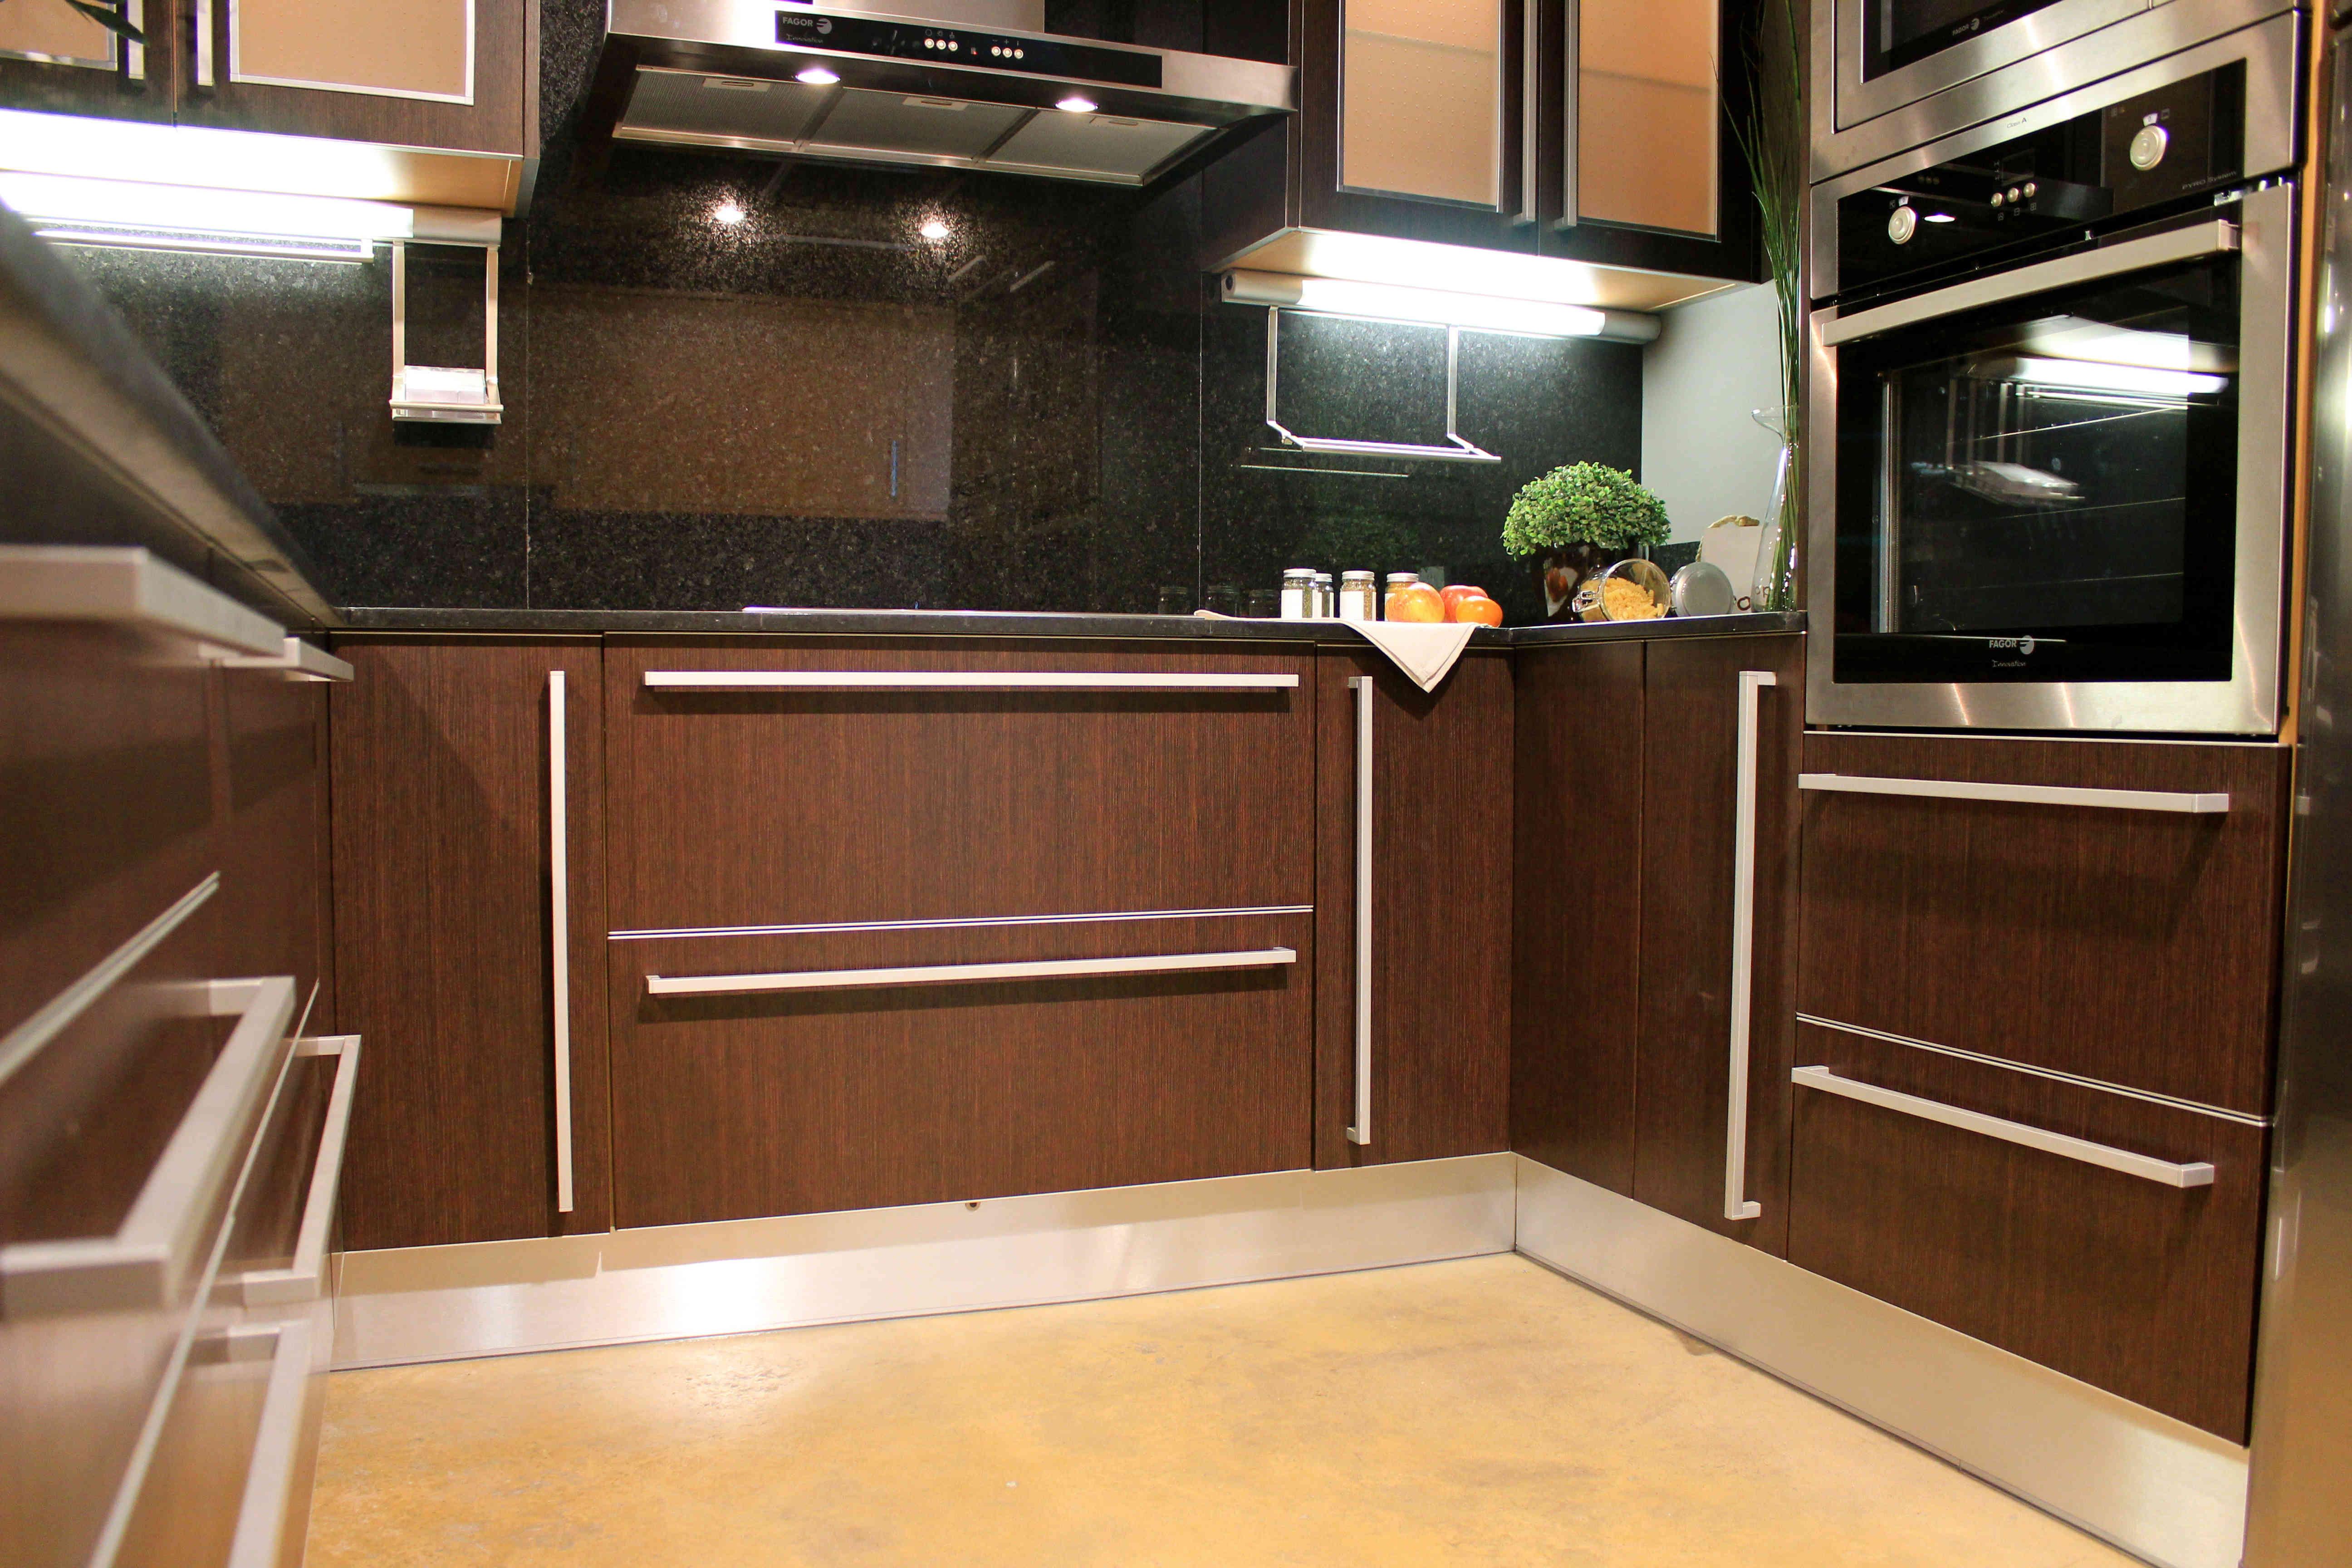 Tpc cocinas soluciones para las cocinas peque as - Soluciones cocinas pequenas ...